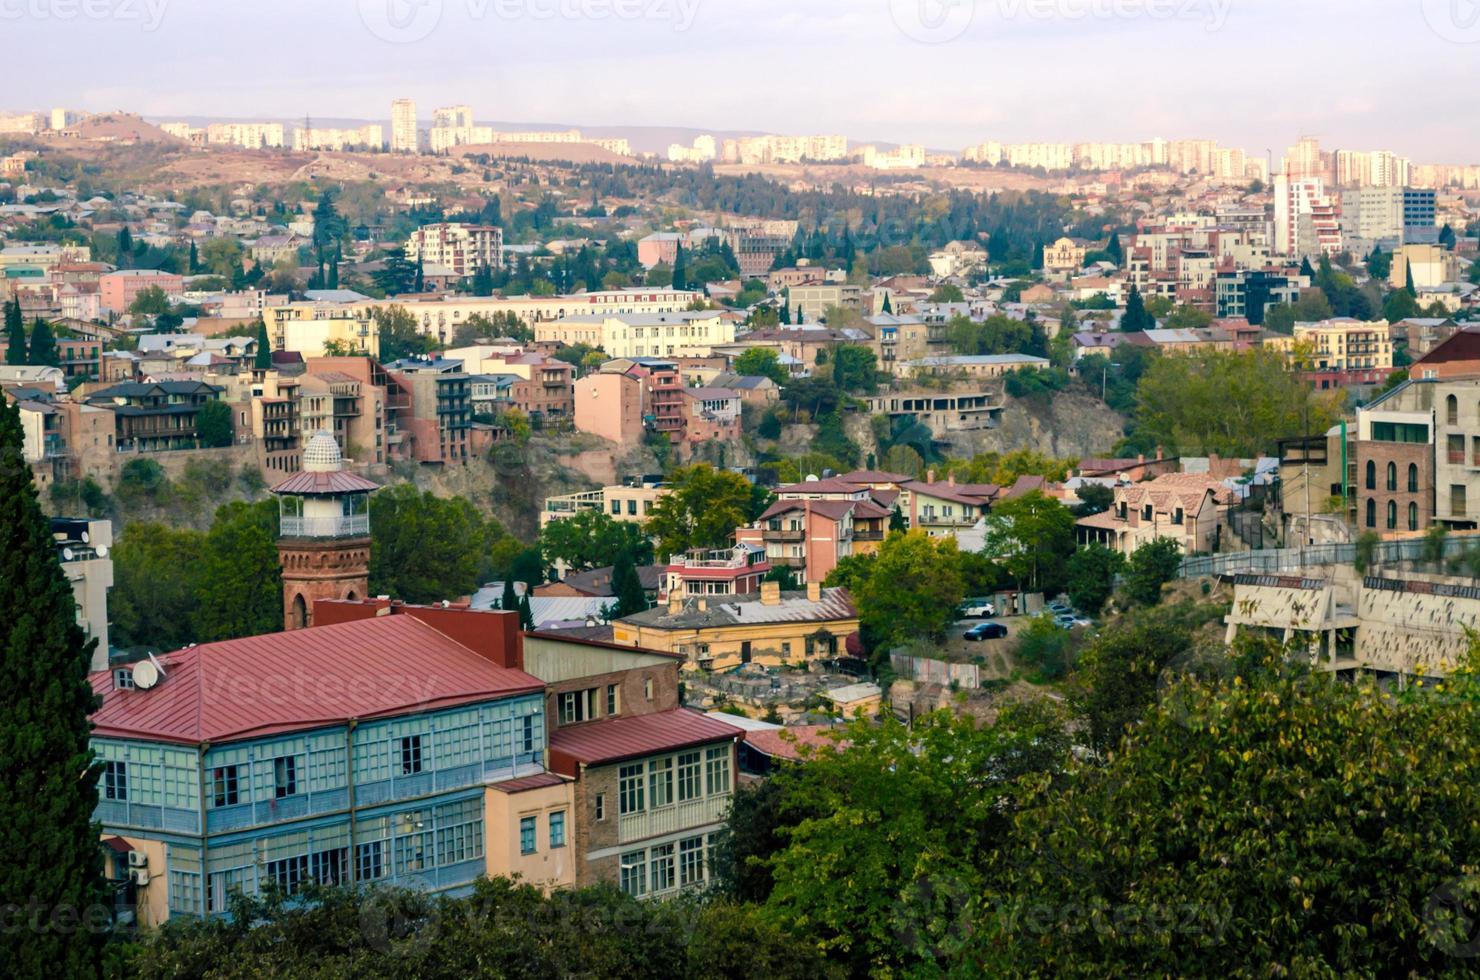 vista aérea de uma cidade na georgia foto